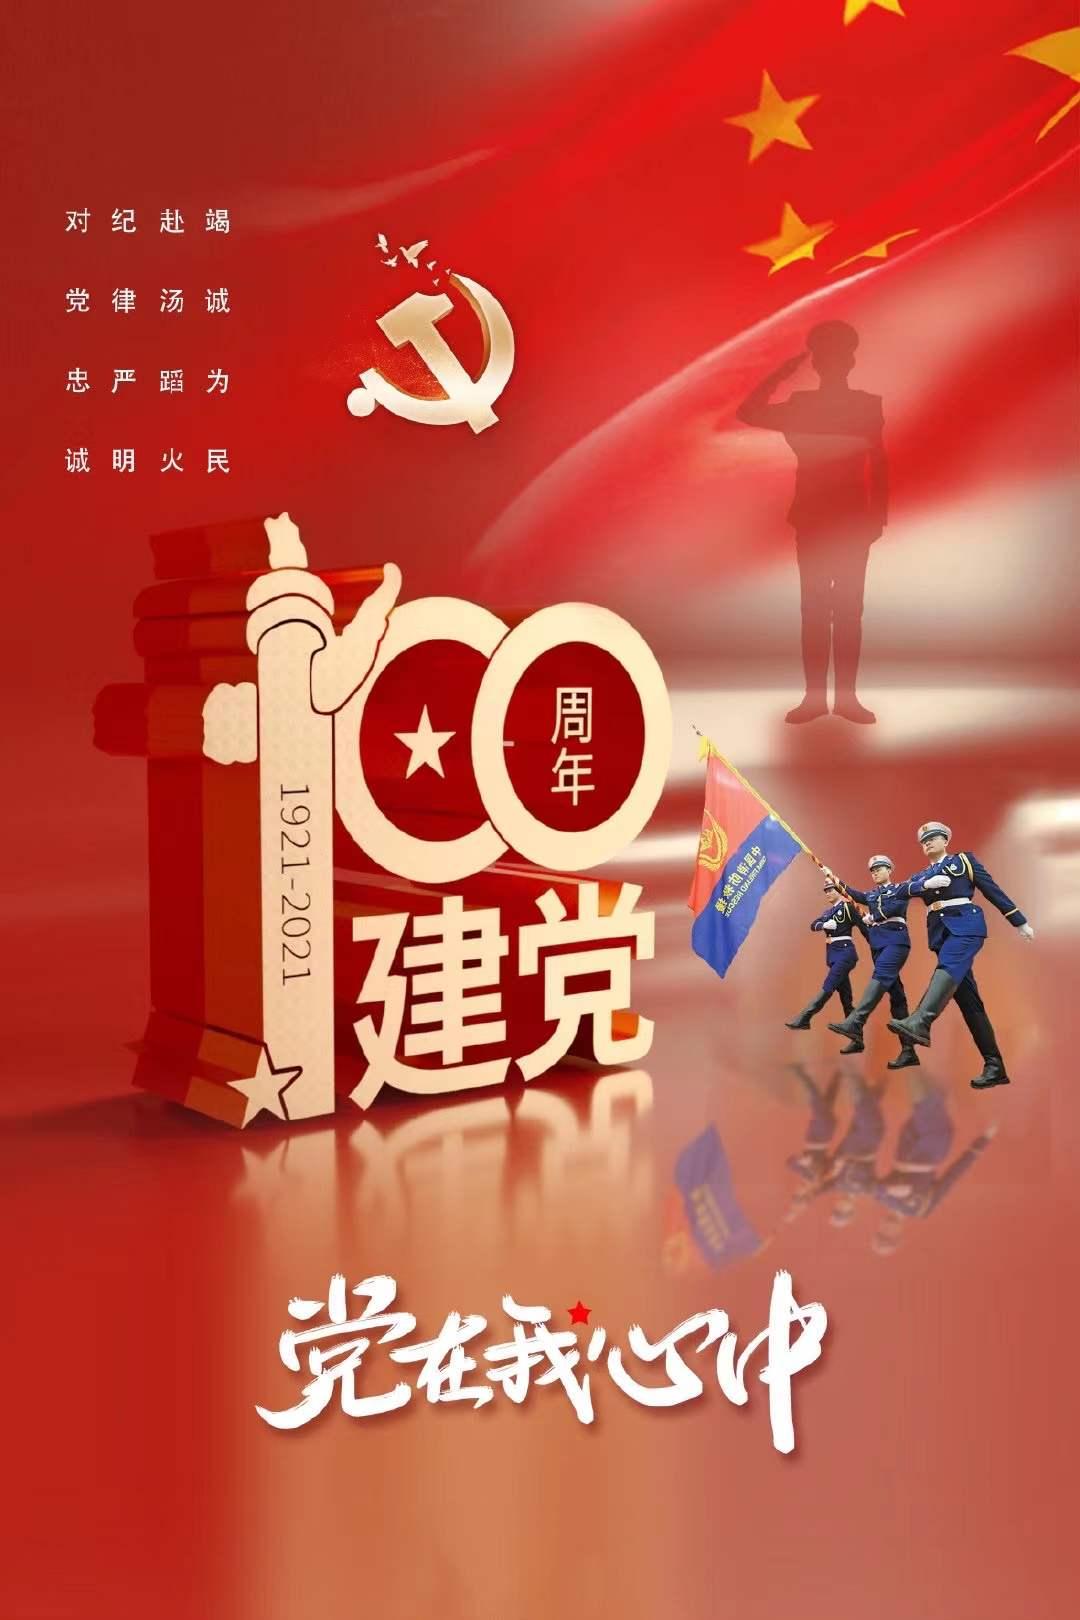 吴佳朋与我党一共欢度建党100周年